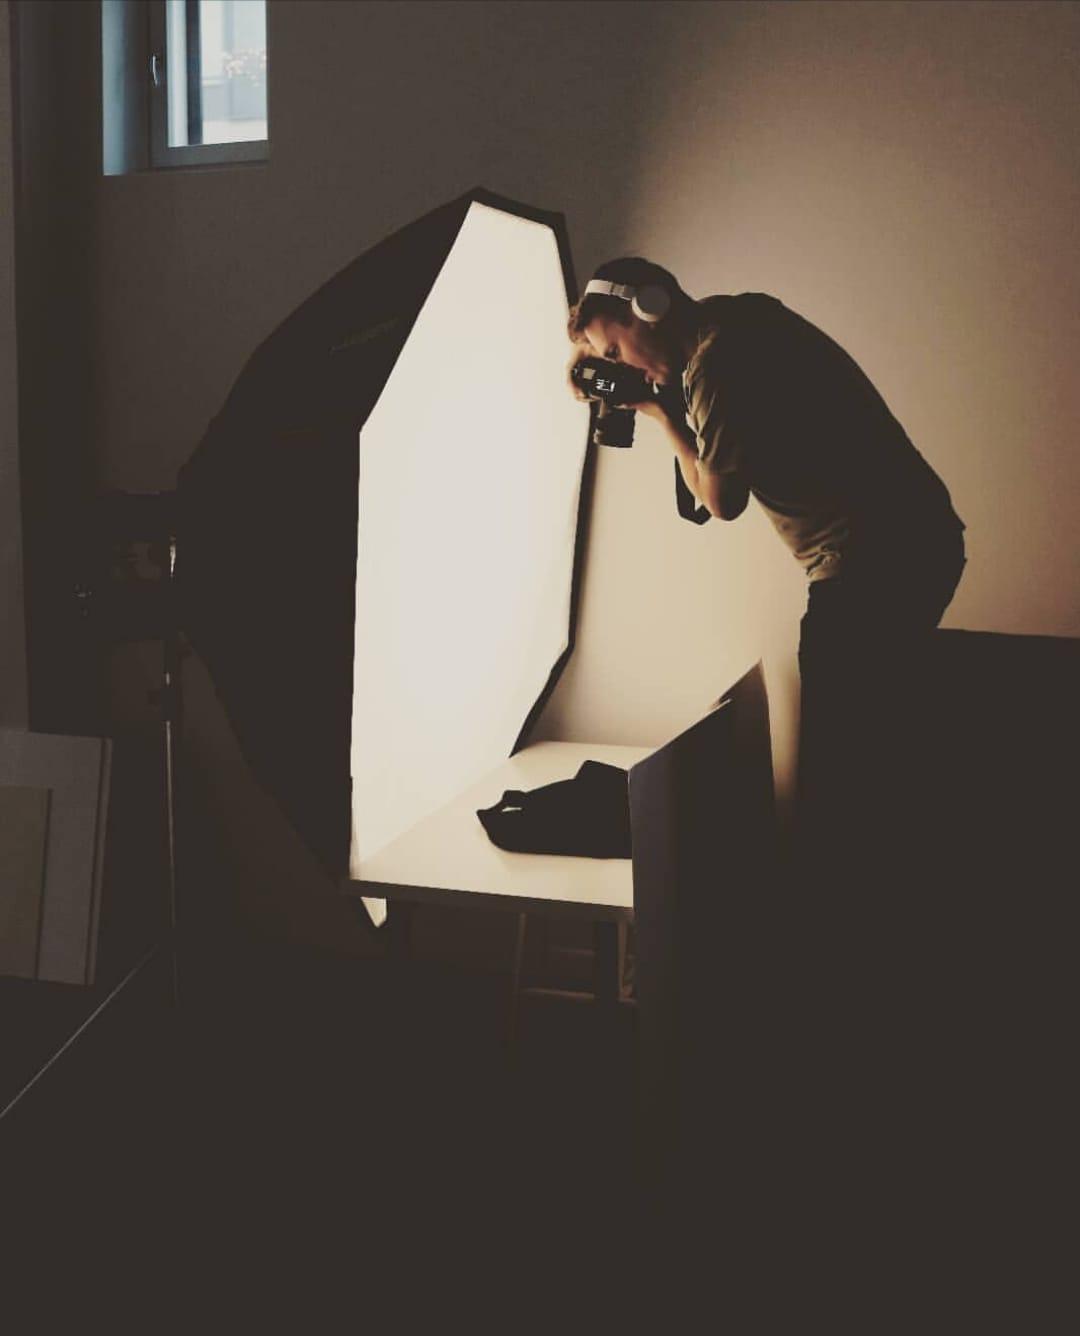 Wille Valokuvaa - Tuotekuvaus.jpg